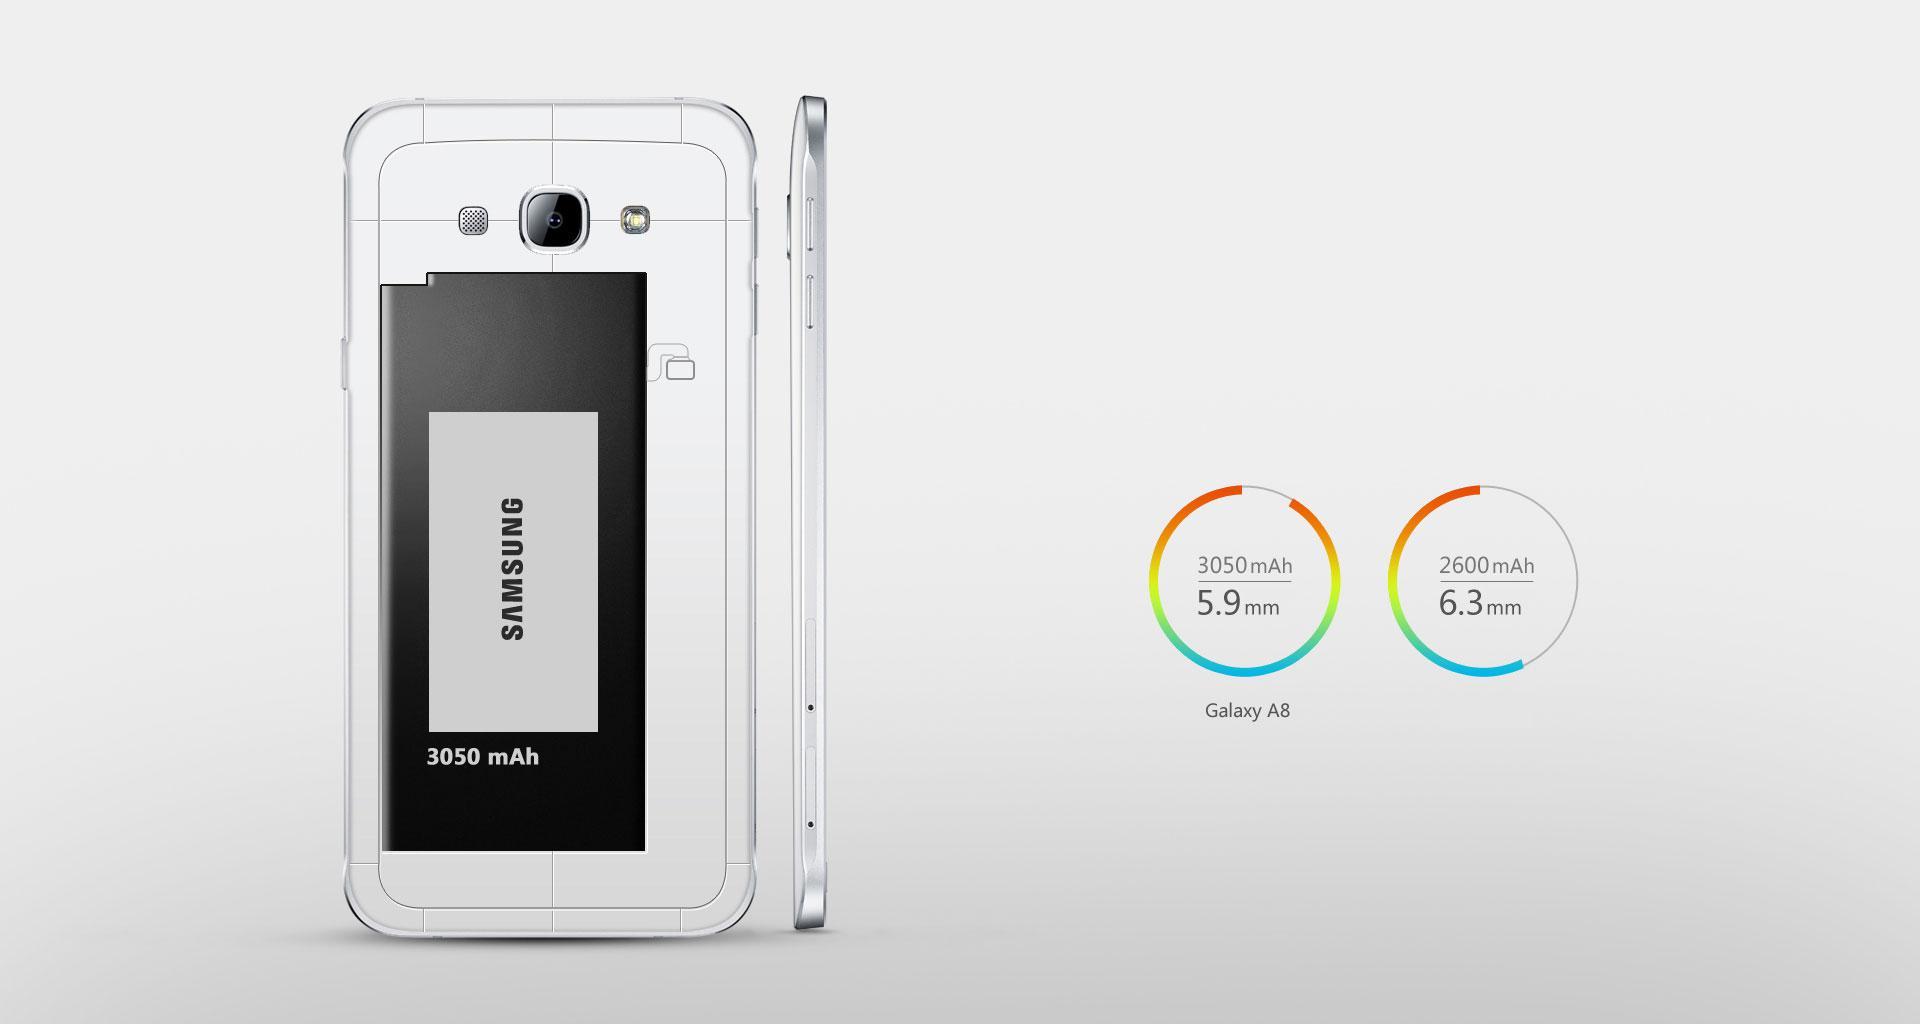 Samsung Galaxy A8 batería y autonomía